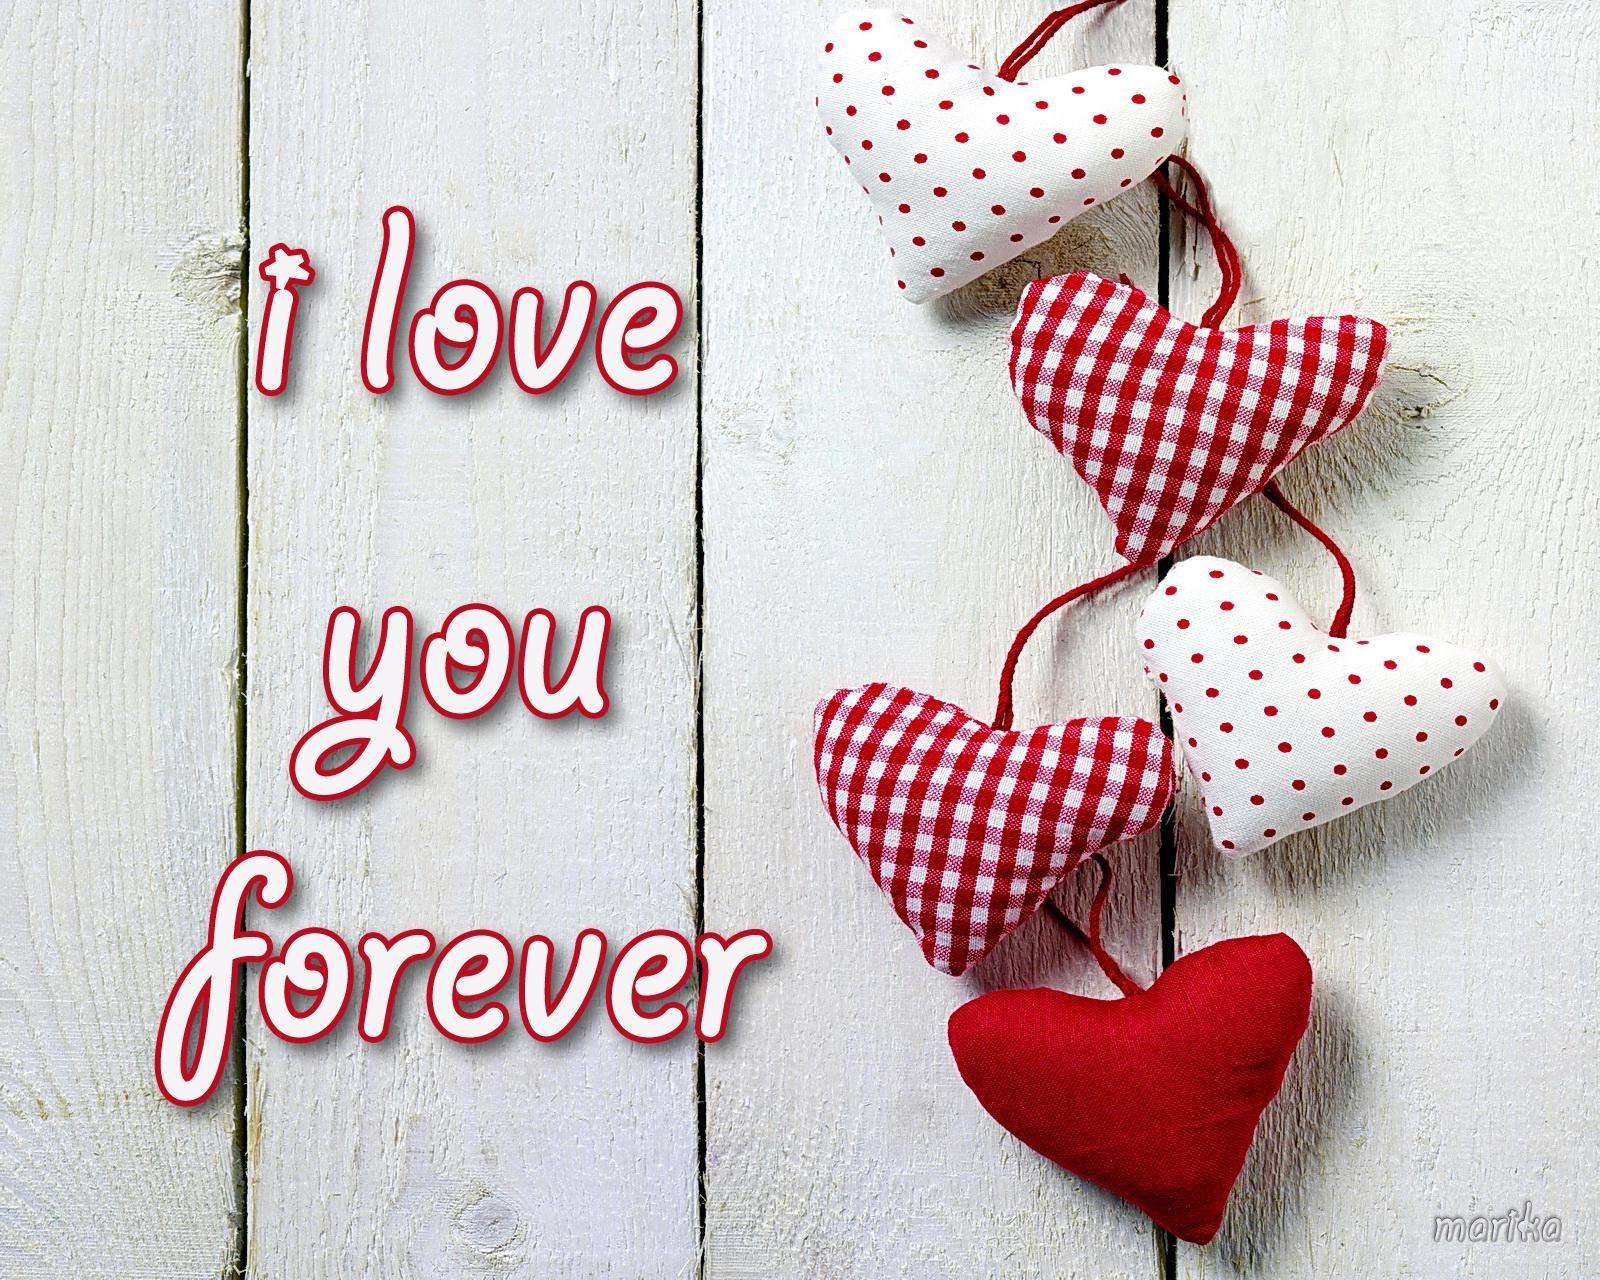 love i love u wallpapers (desktop, phone, tablet) - awesome desktop